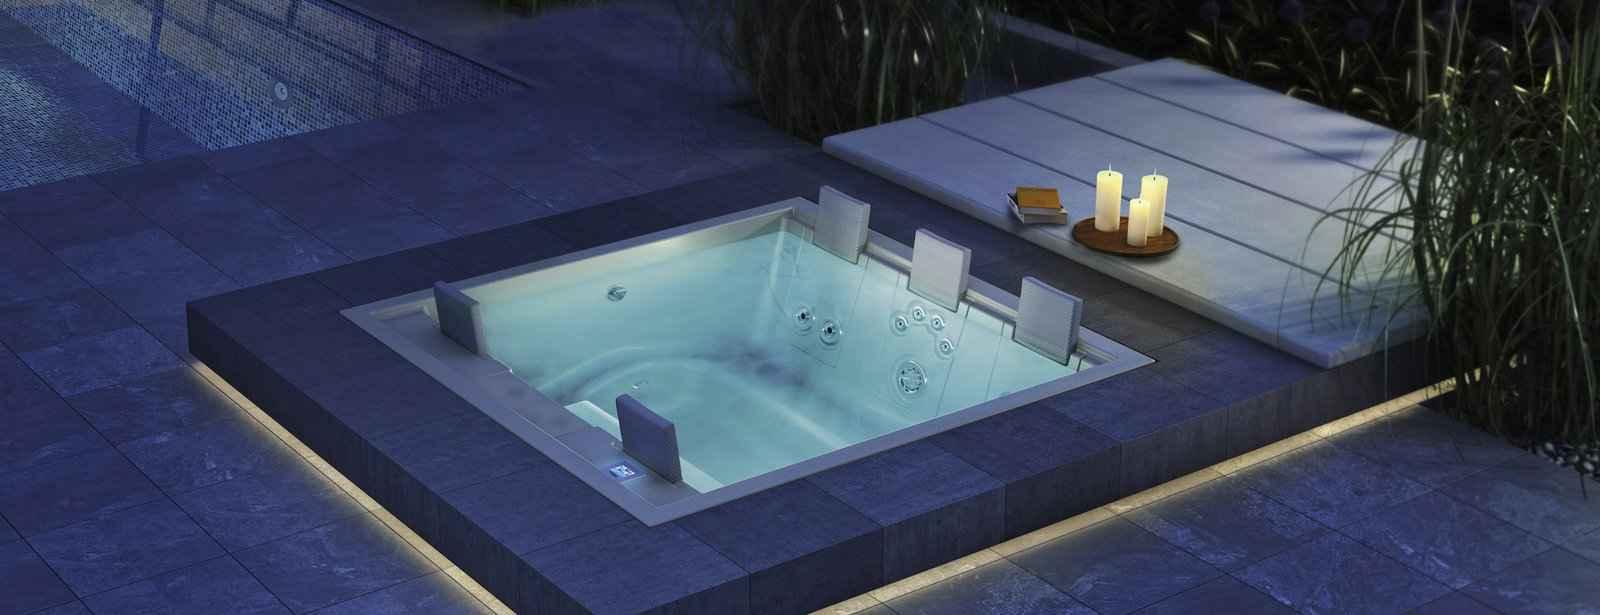 whirlpool rivieraspas strato 2 3 einbau schwimmbadtechnik frankfurt. Black Bedroom Furniture Sets. Home Design Ideas